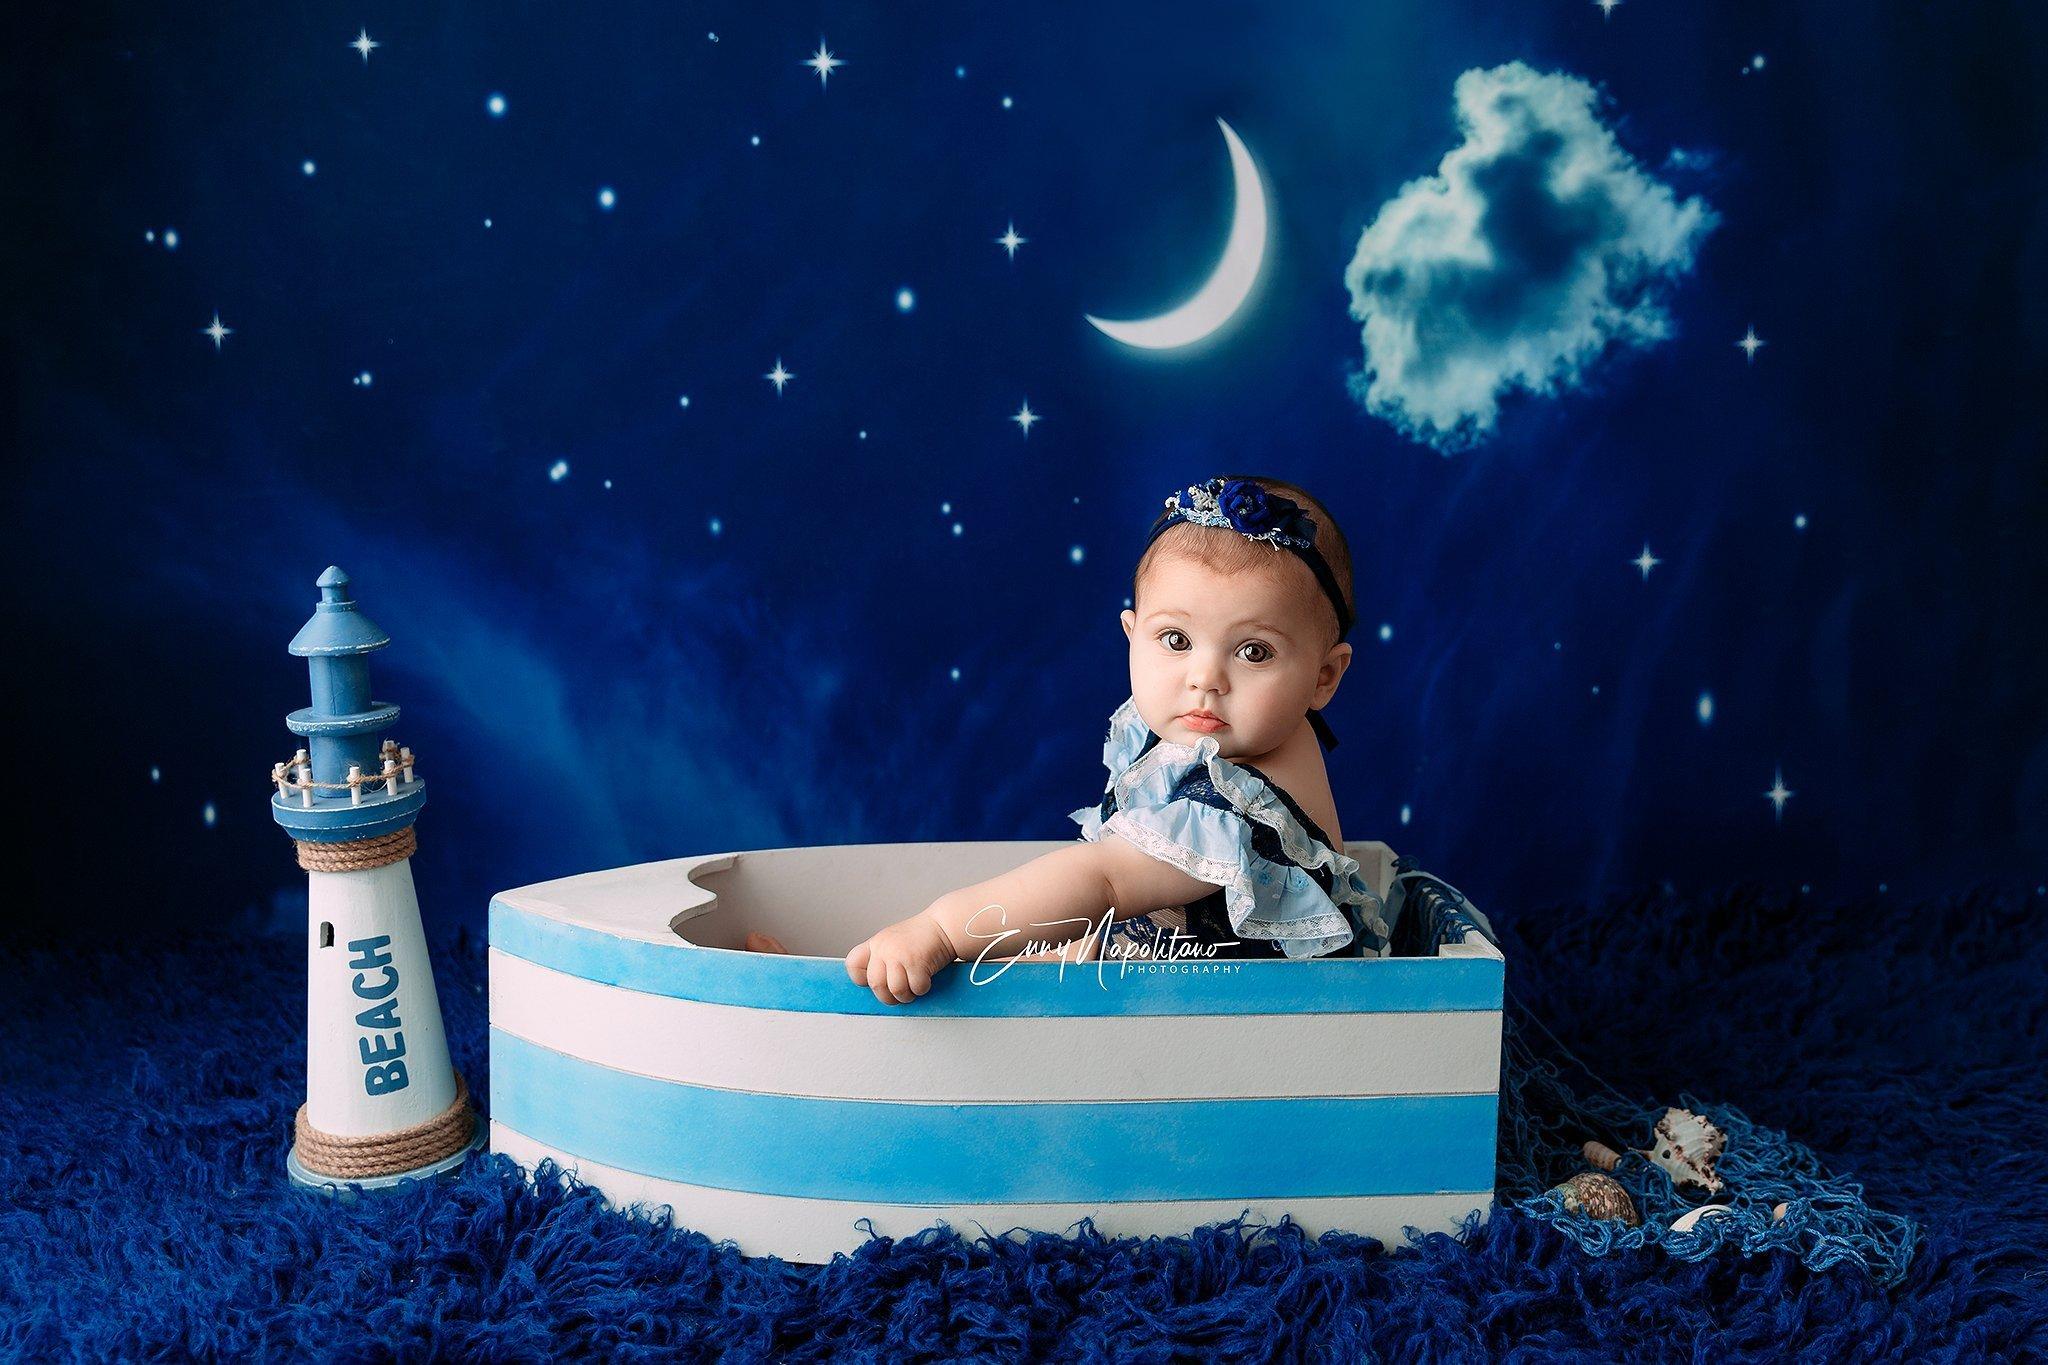 Fotografia di una bambina di 7 mesi in una barchetta sotto le stelle e la luna